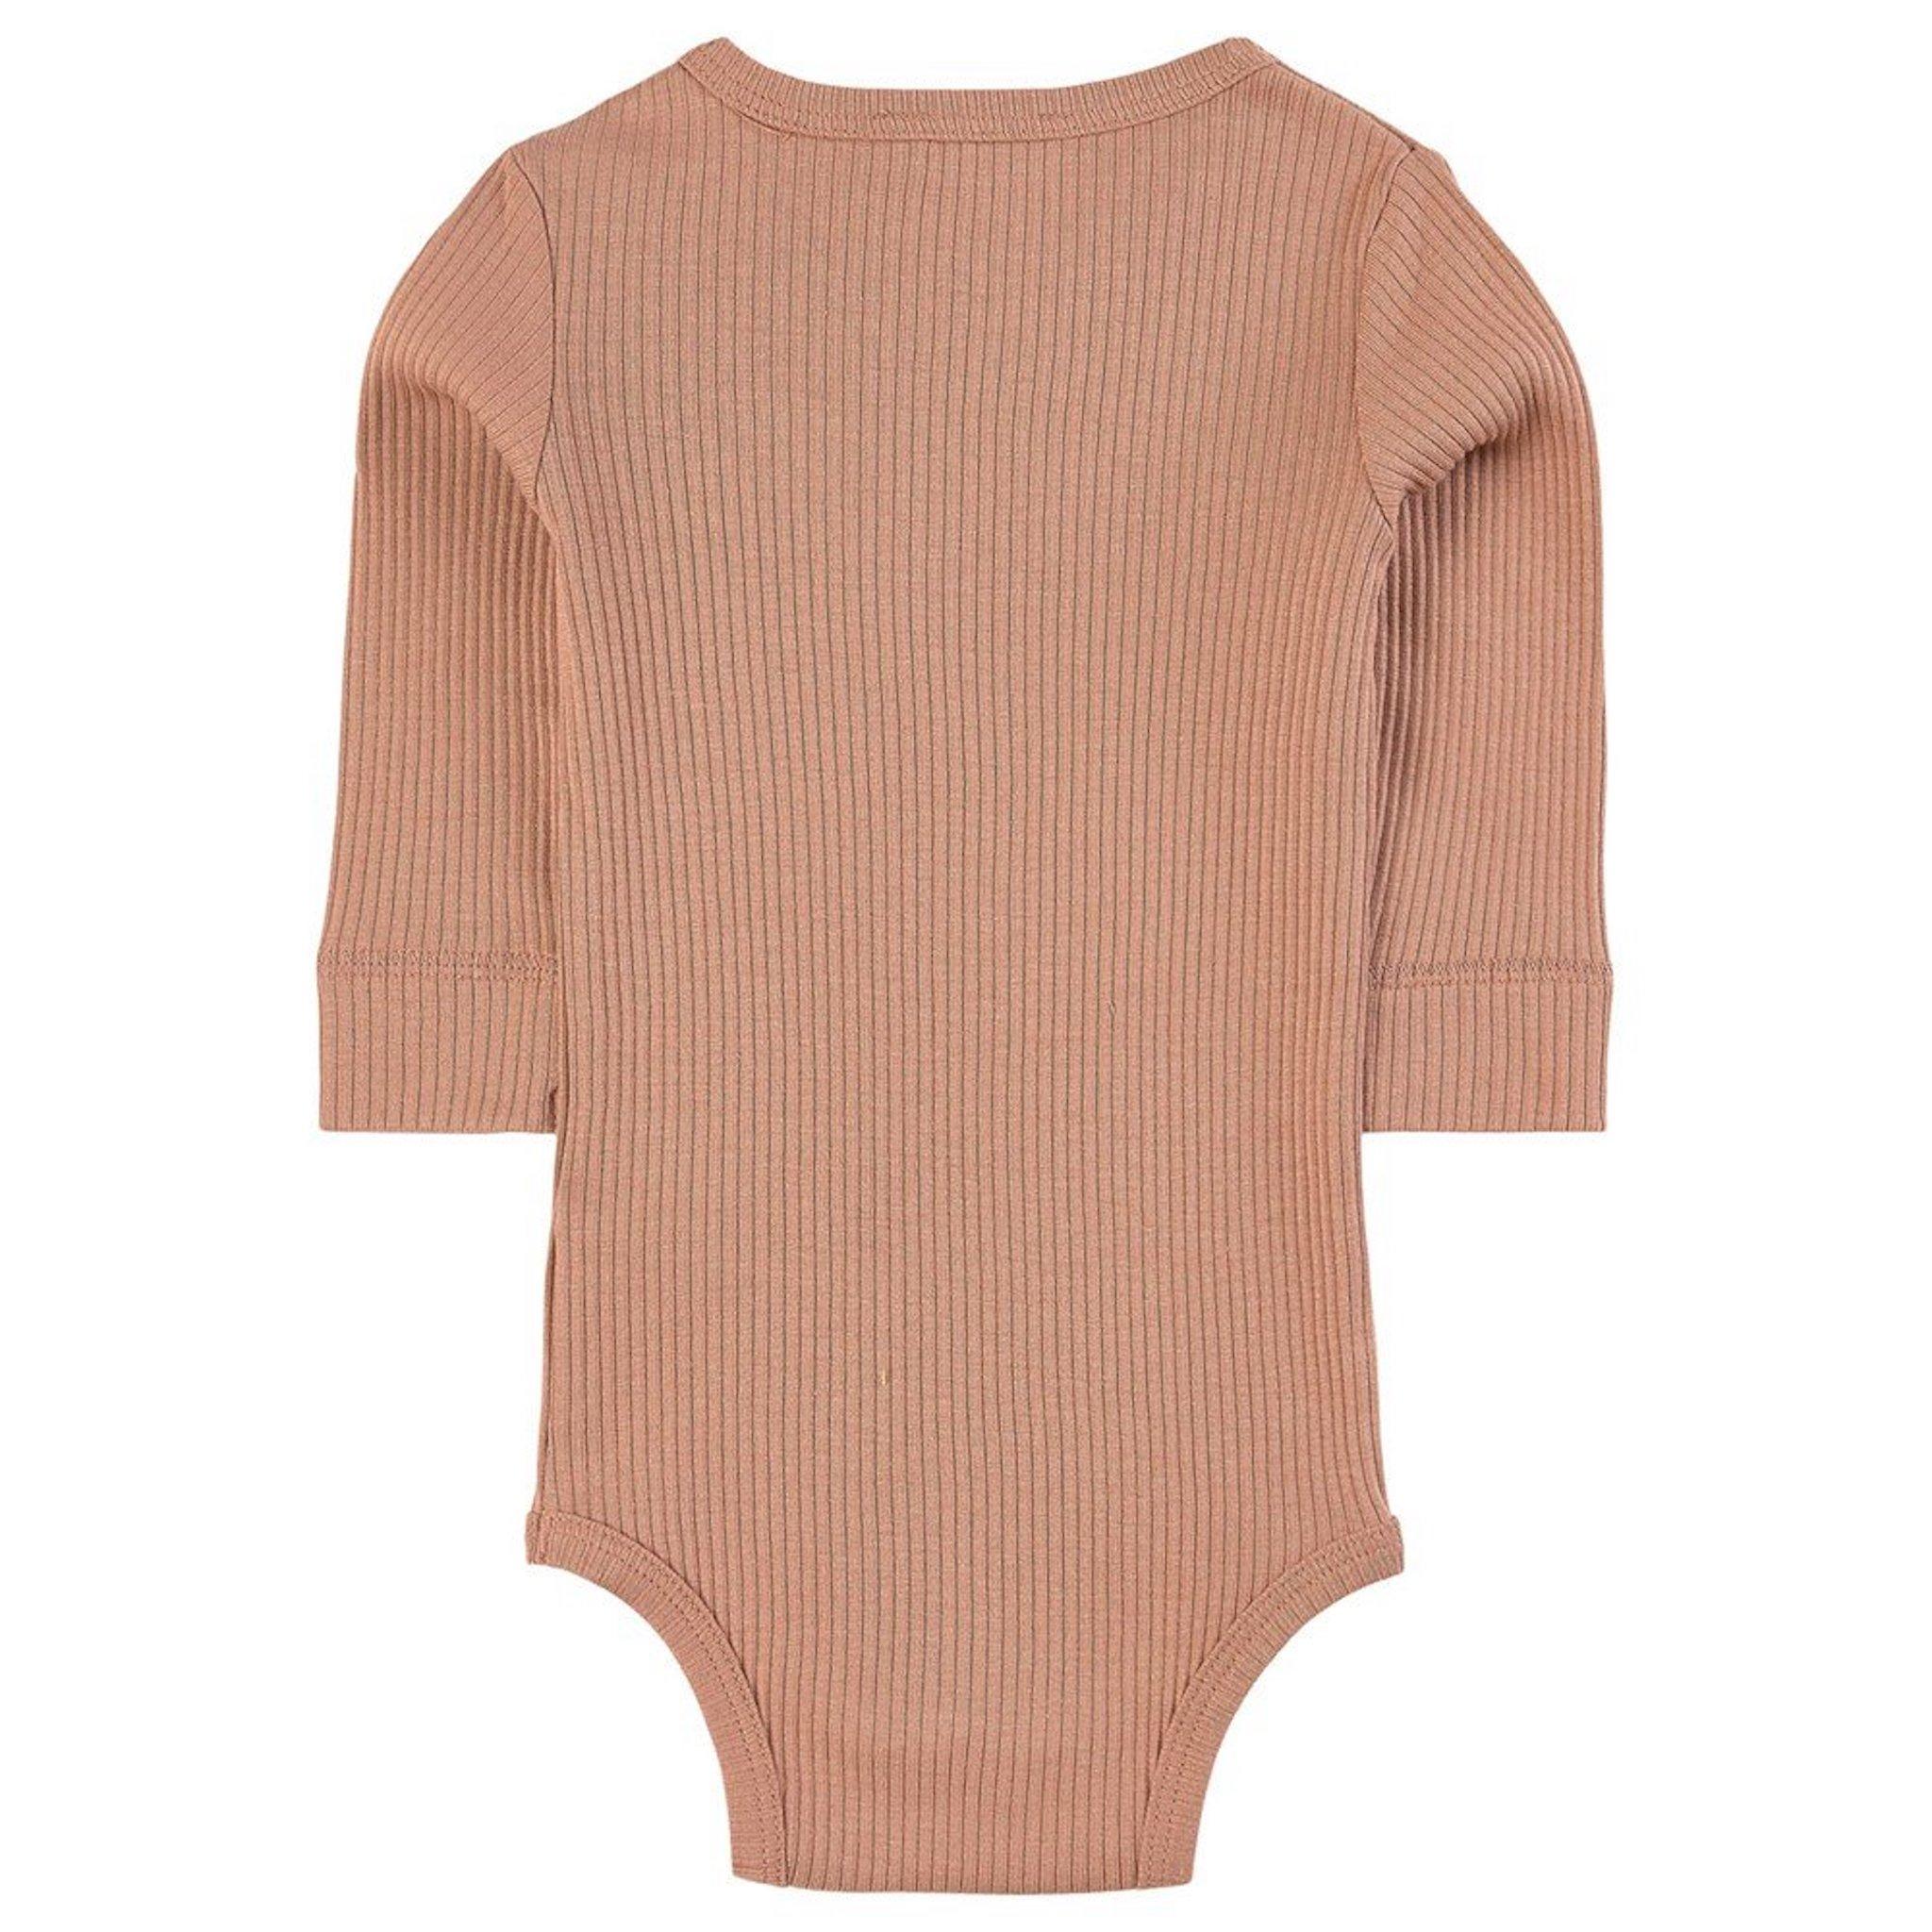 MarMar - Plain Body LS - rose brown